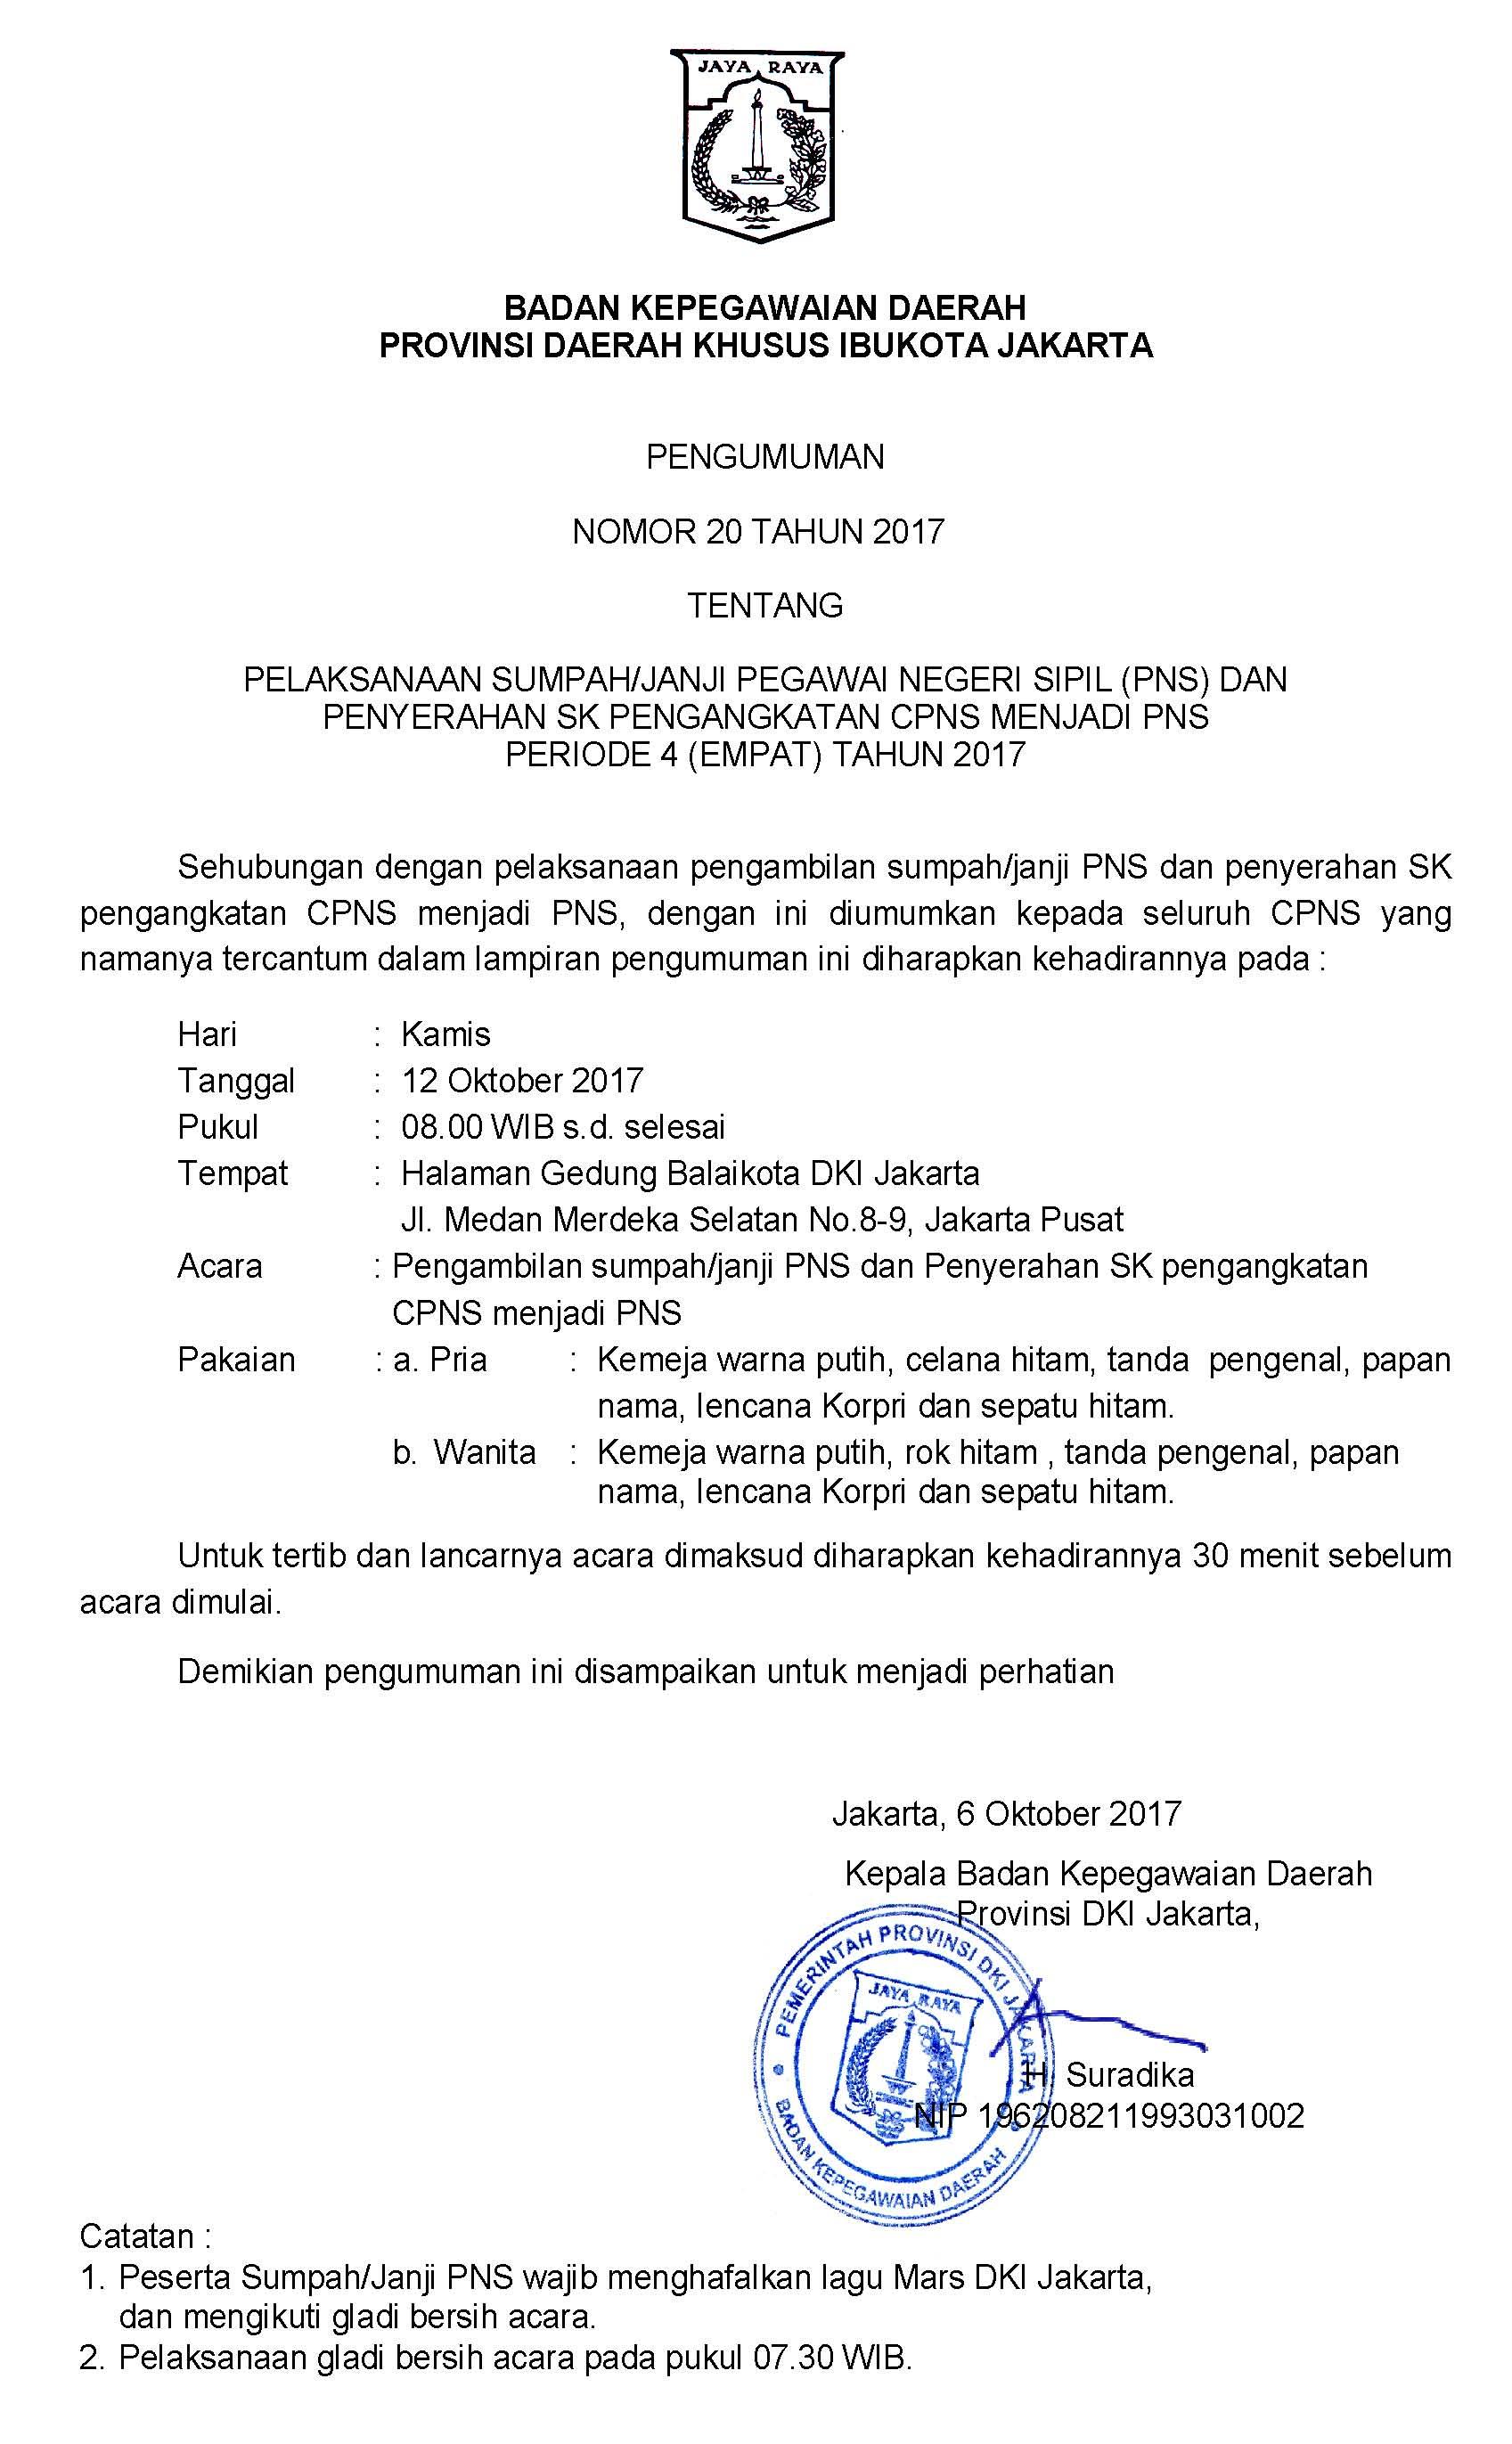 Pelaksanaan Sumpah Janji Pegawai Negeri Sipil PNS Dan Penyerahan